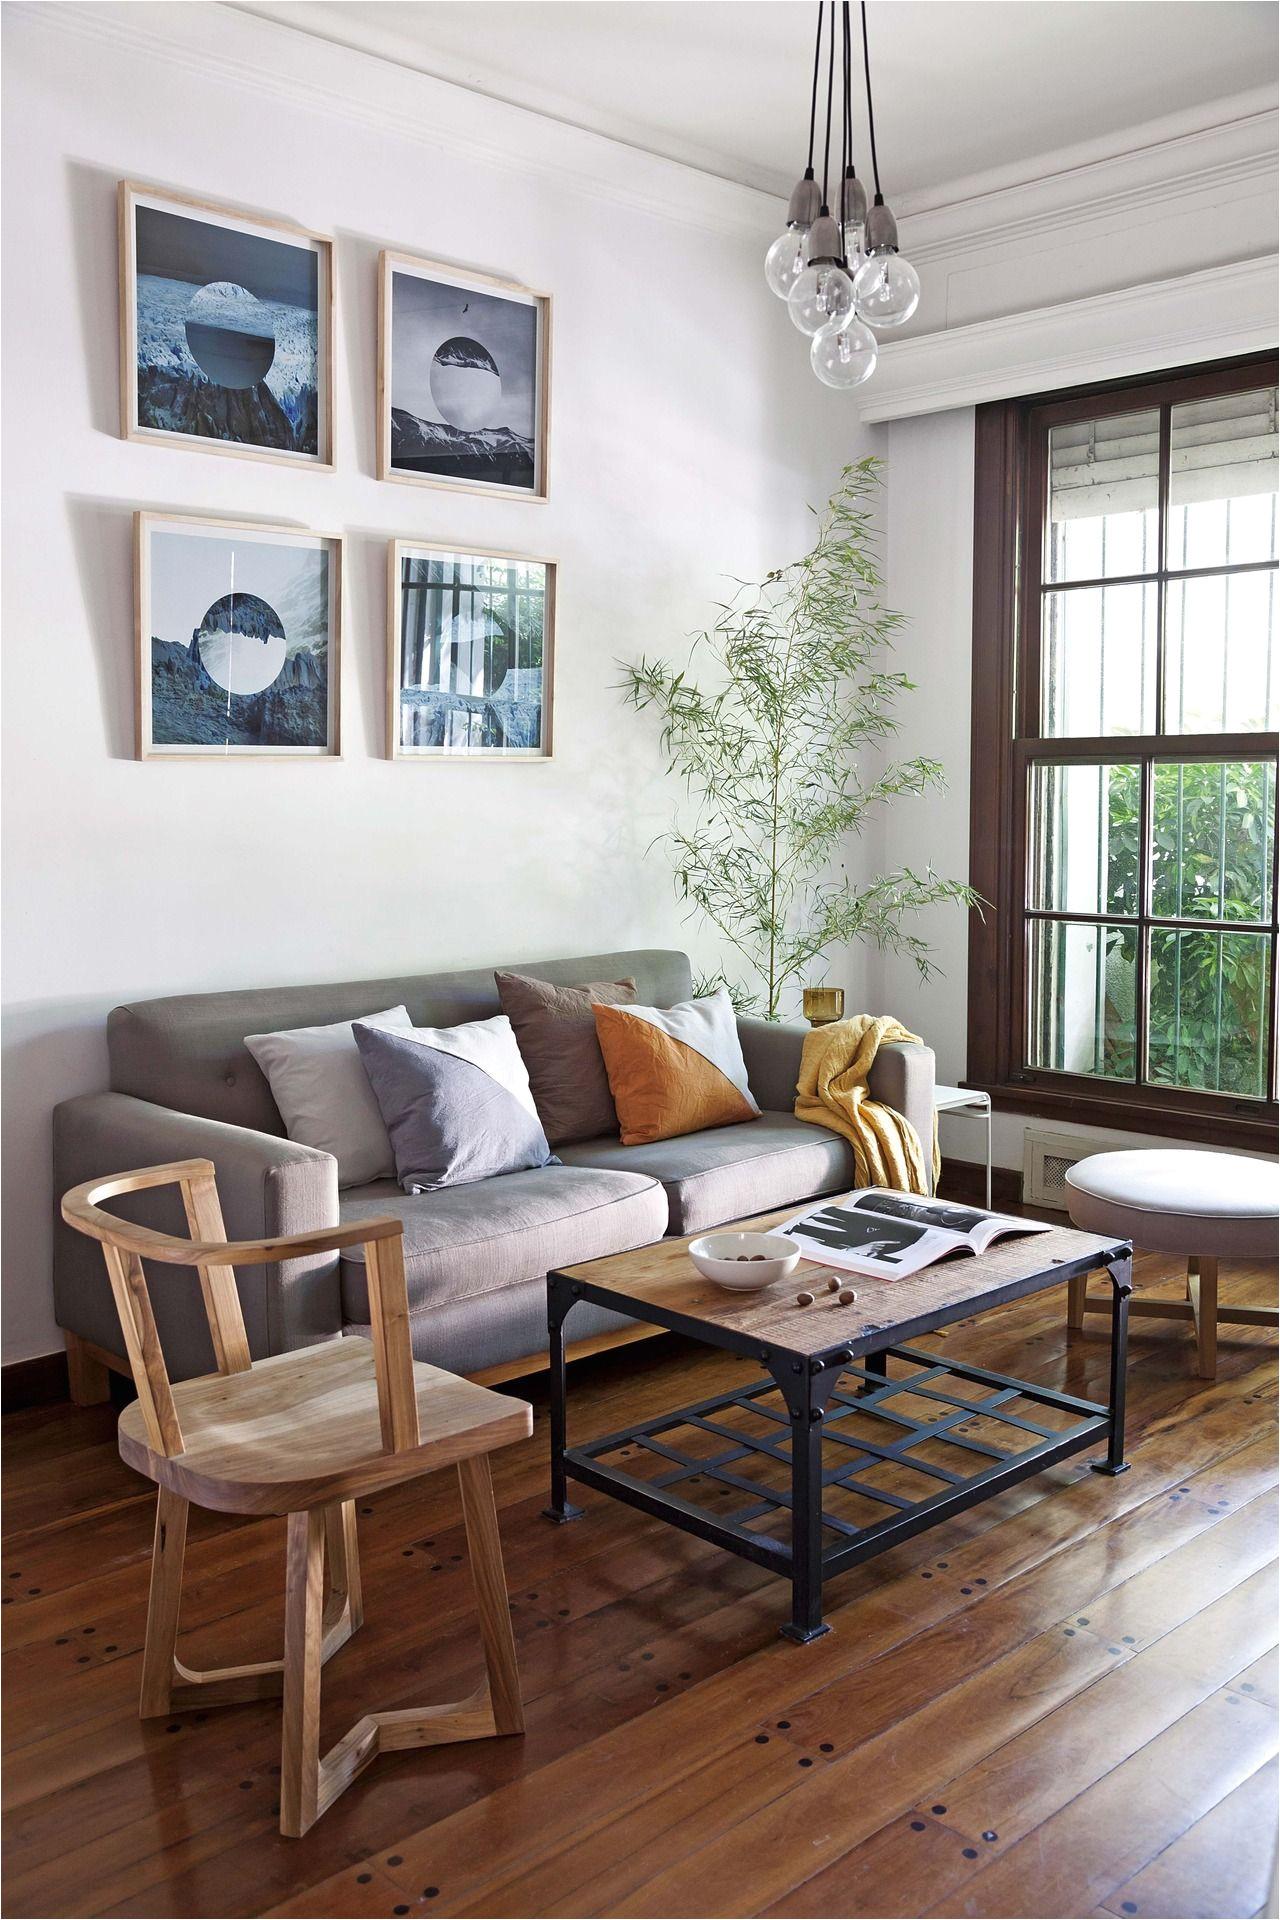 living moderno en un depto chico de un edificio ingles ambientado con muebles de madera y textiles naturales de los responsables del estudio pennsylvania